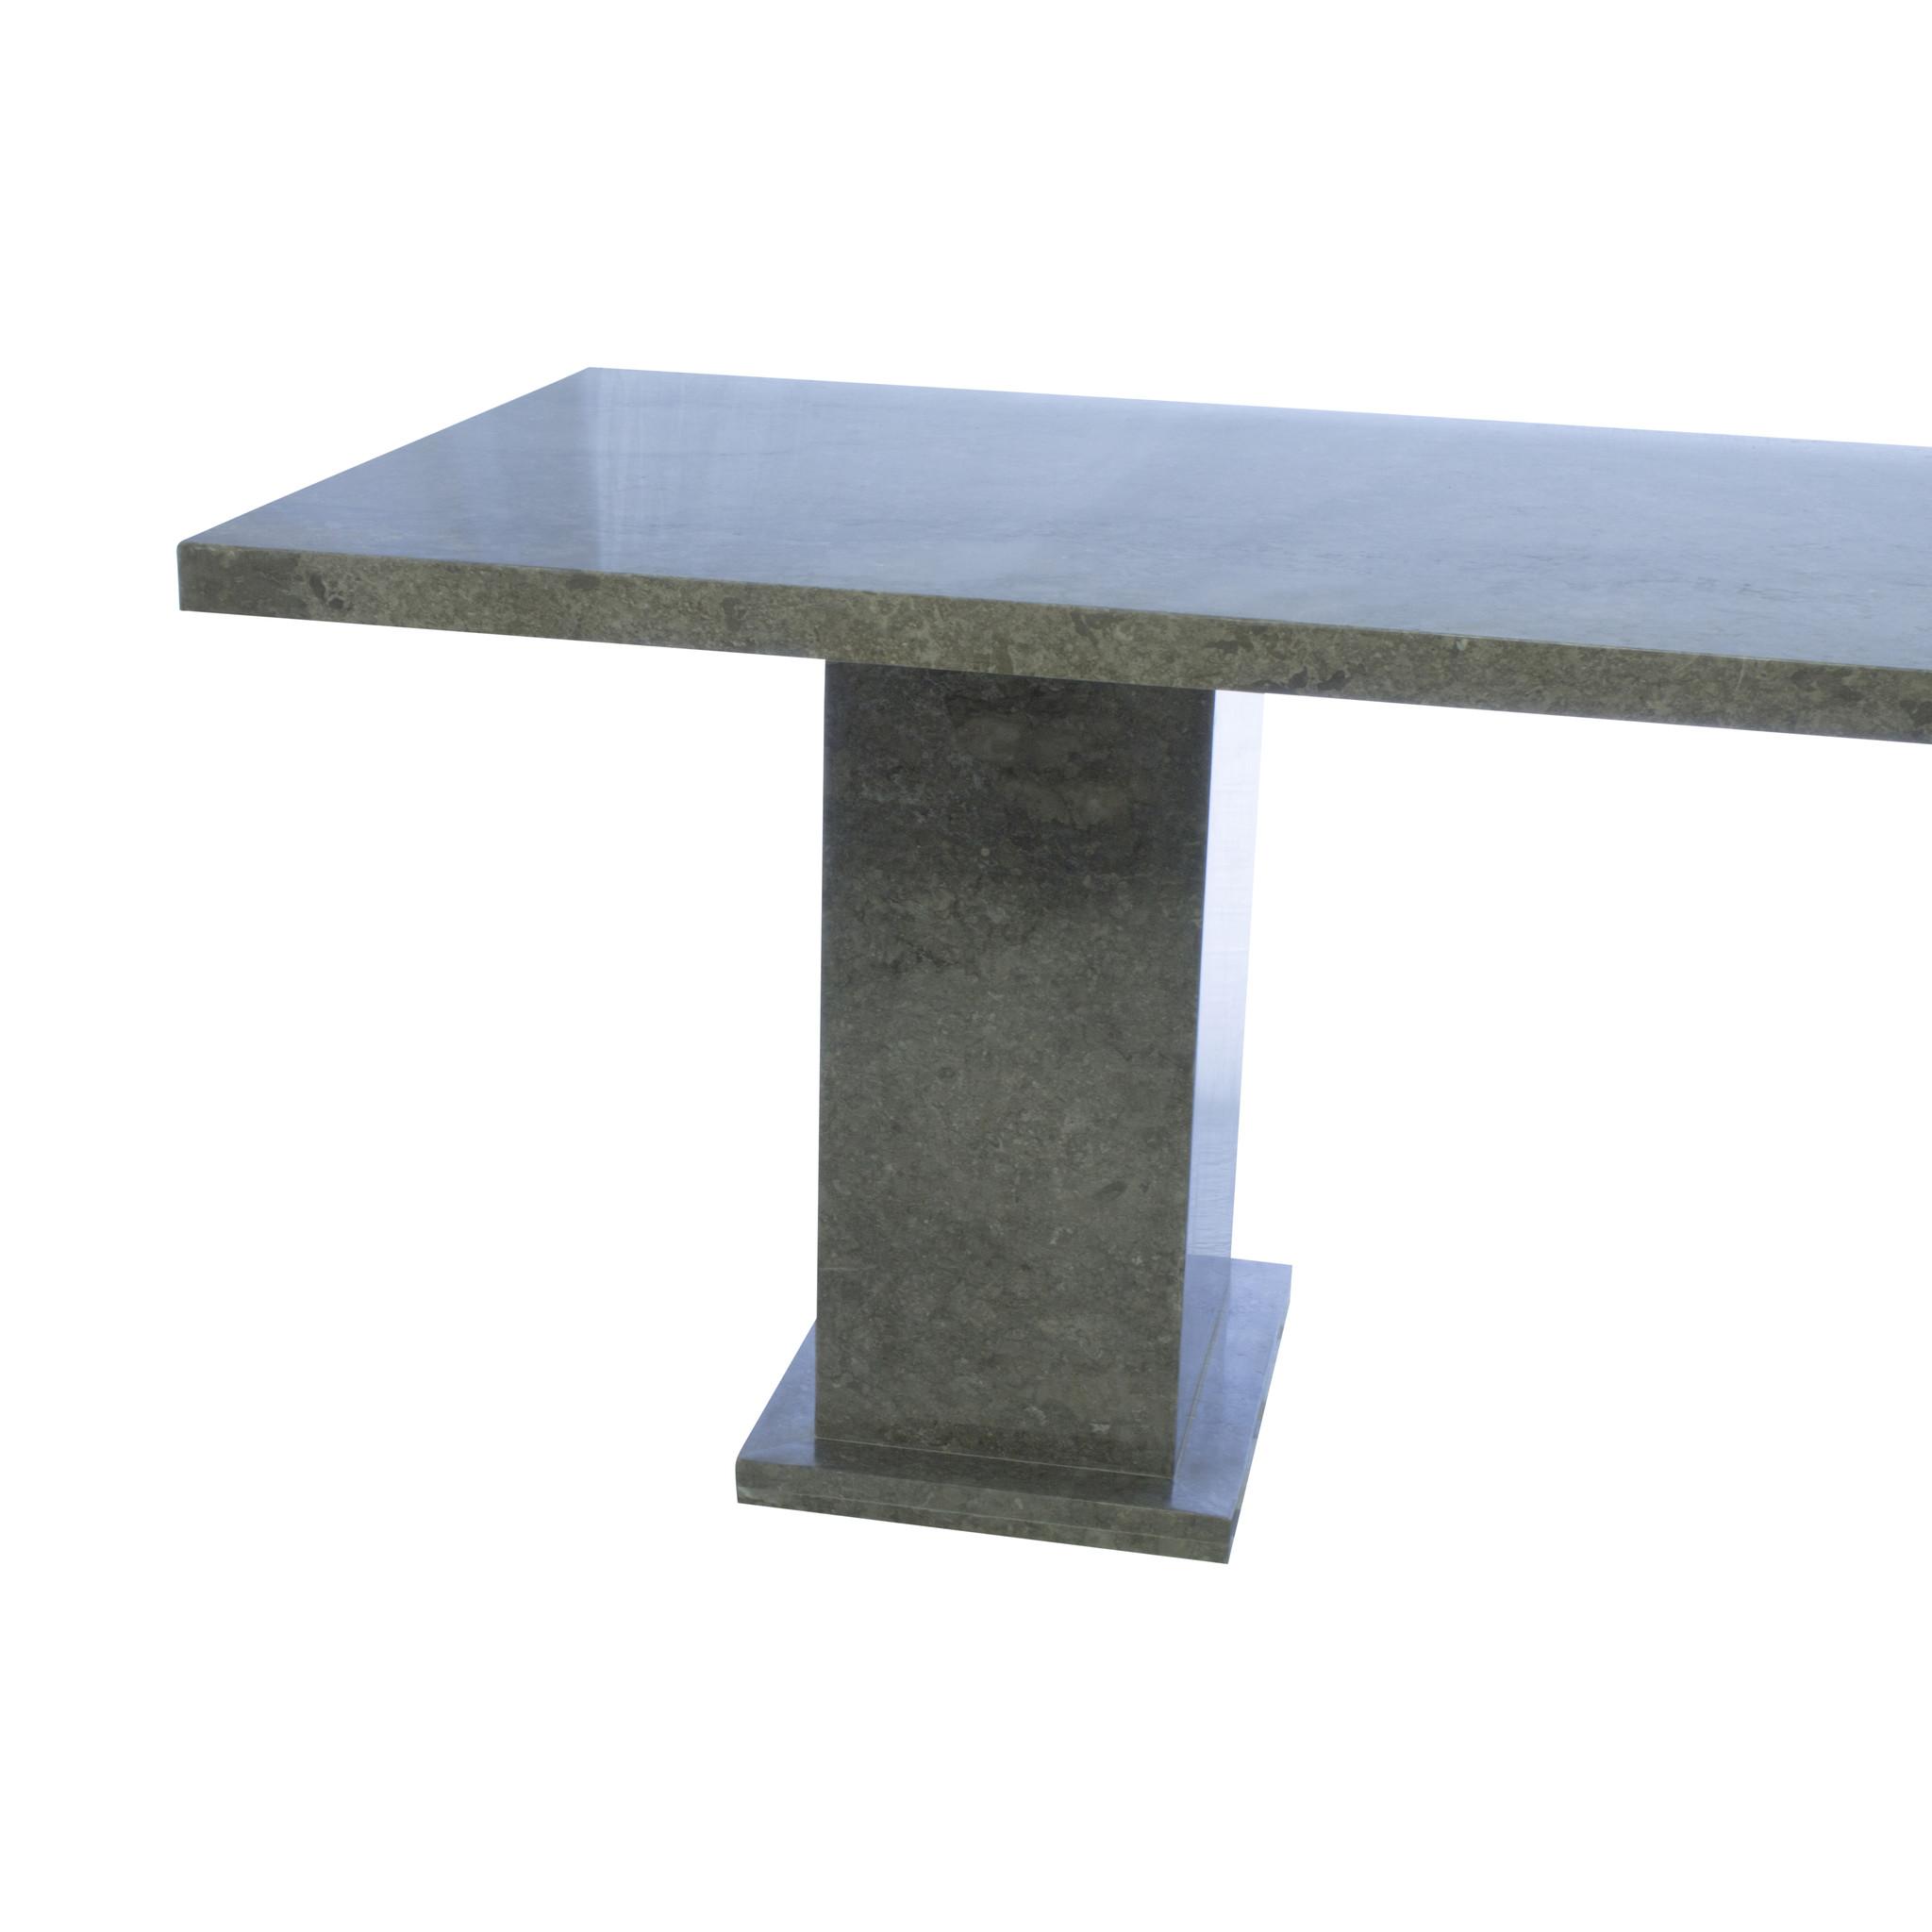 Indomarmer Eettafel Rechthoek 200x90x79 cm Grijs Marmer